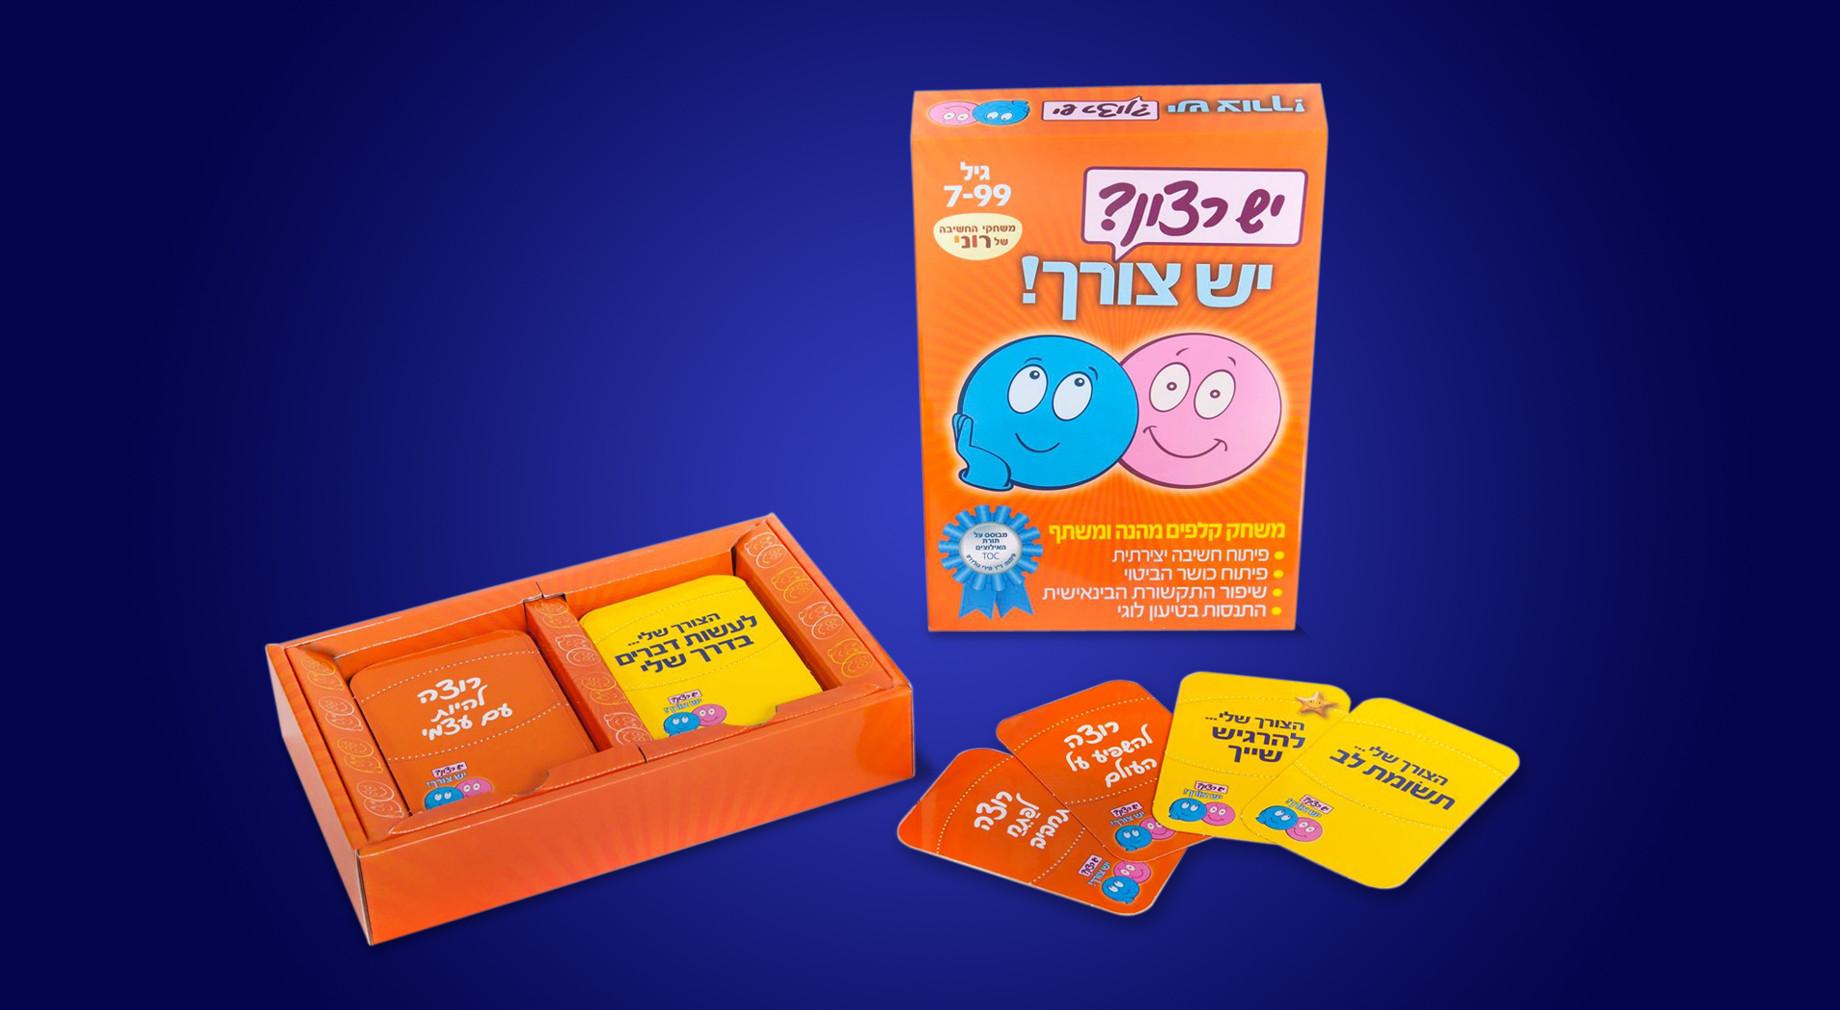 עיצוב משחק קופסא לכל המשפחה